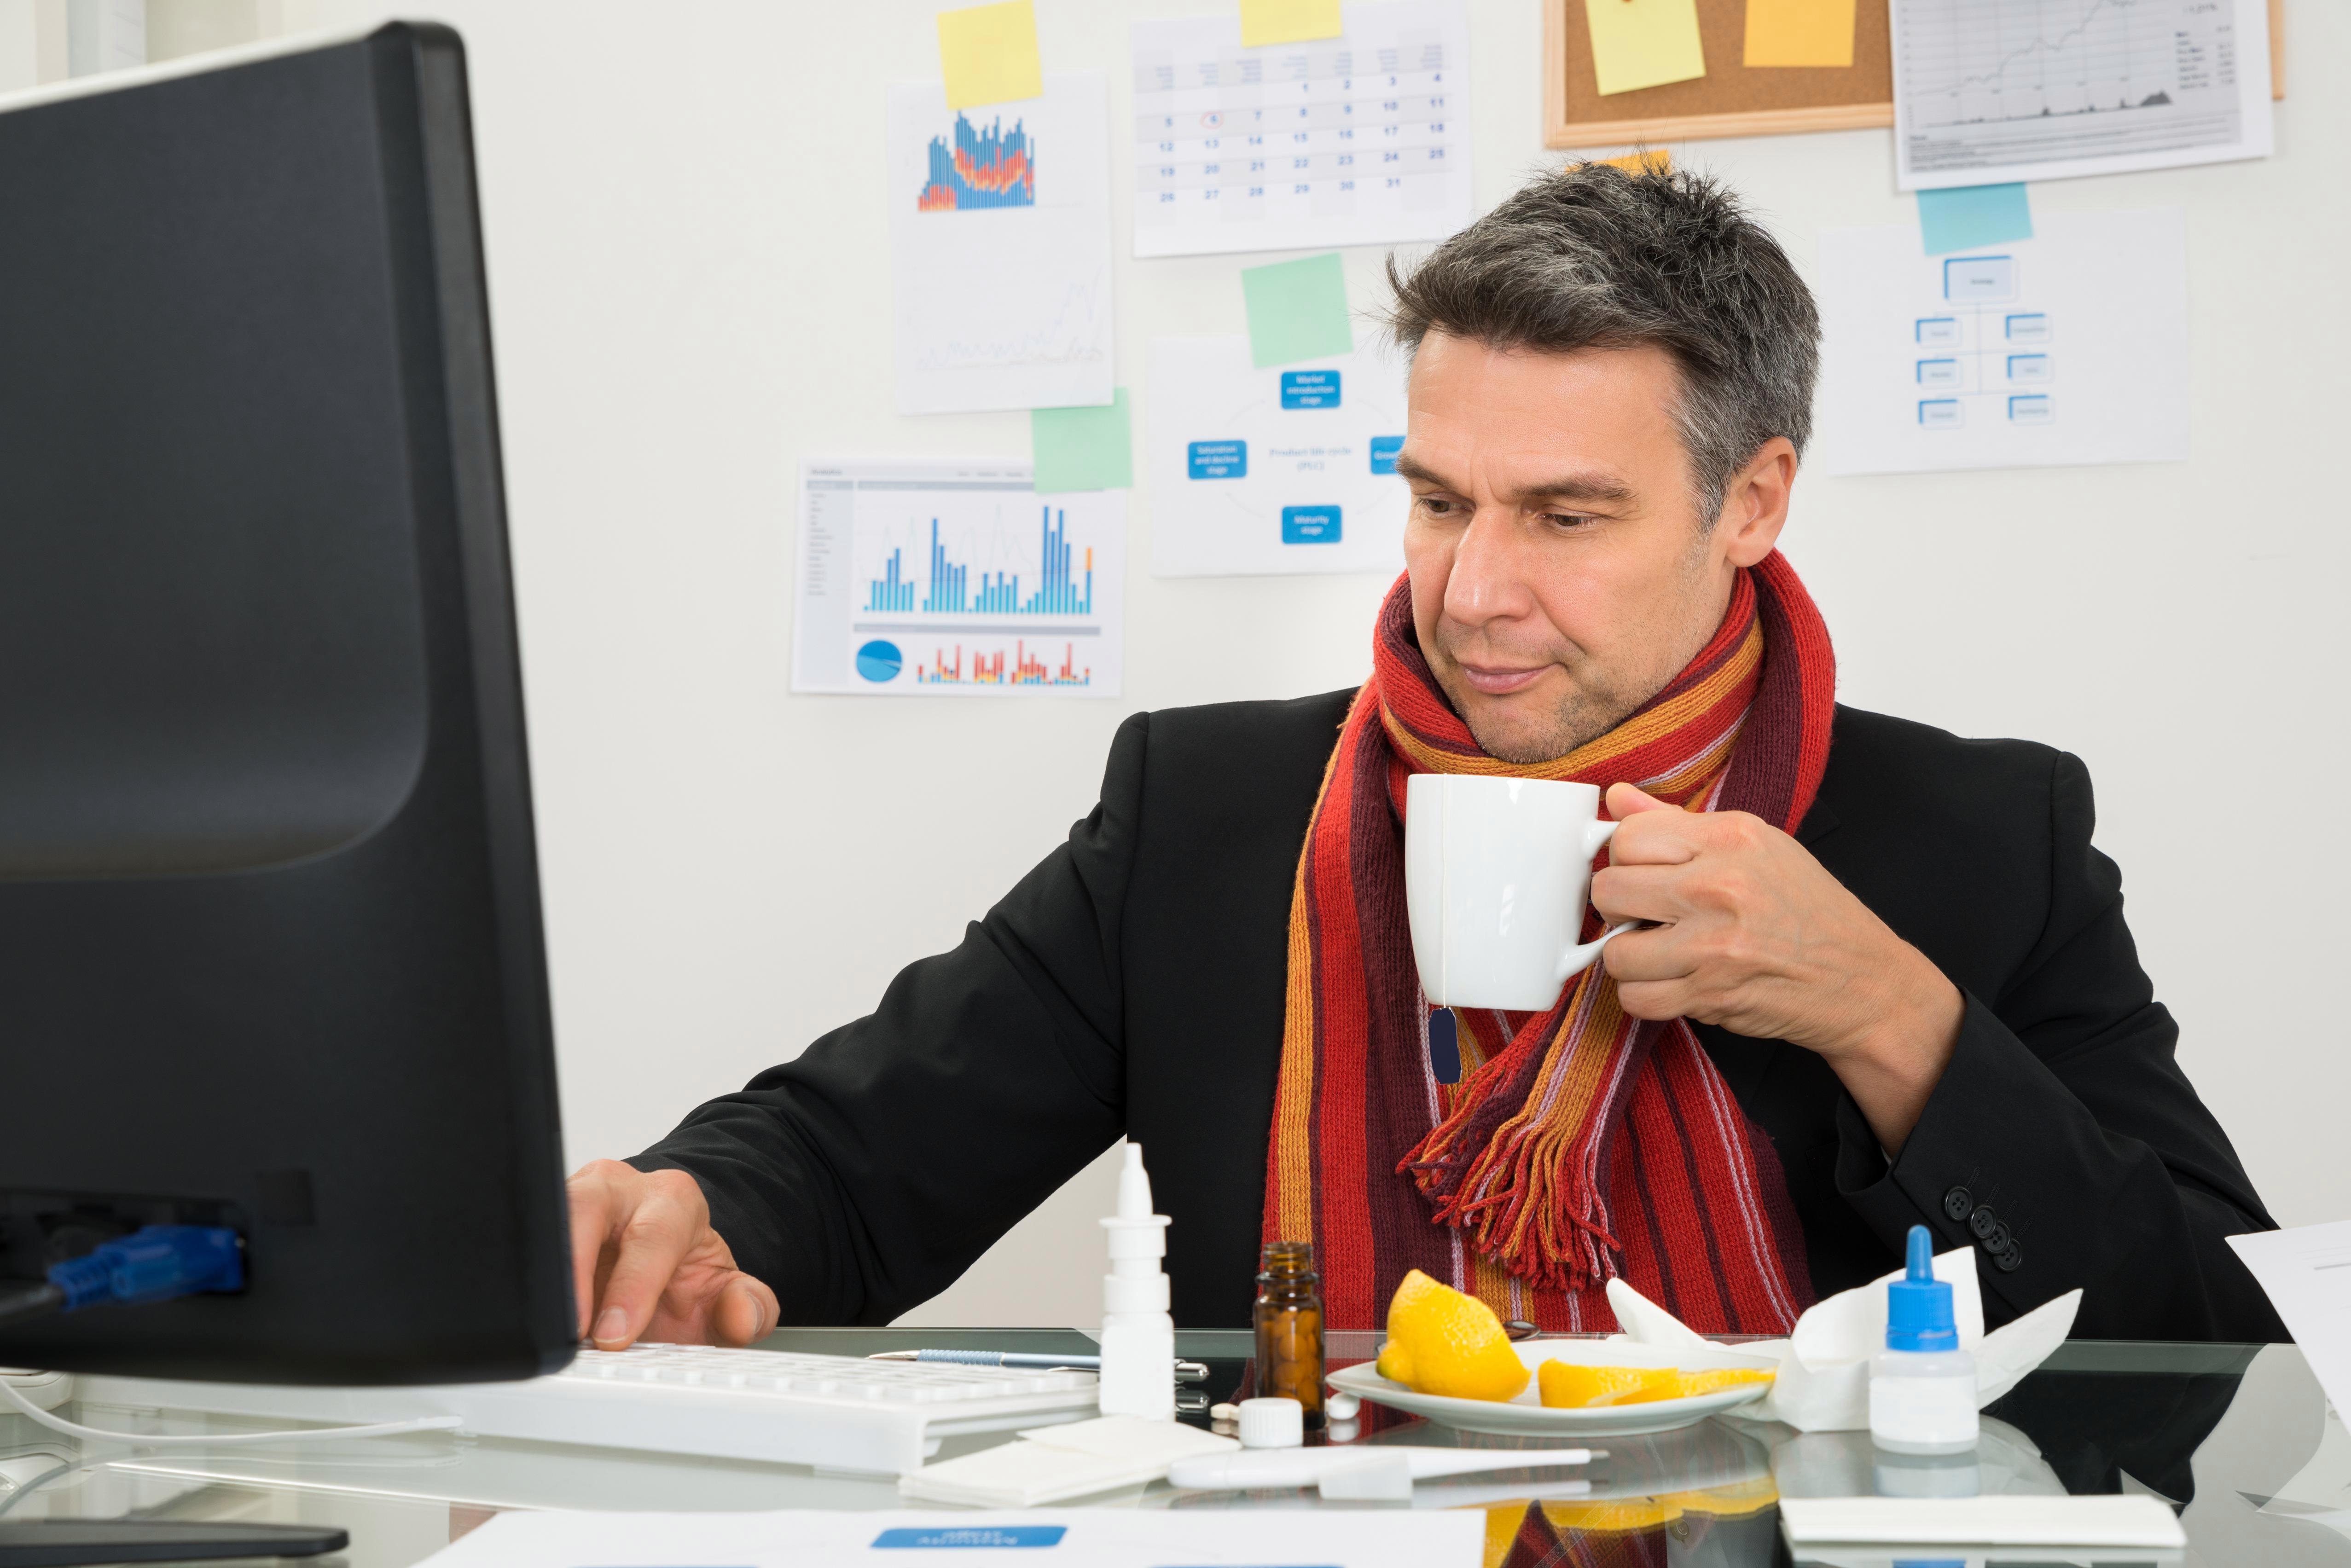 Senden Sie WhatsApp-Nachrichten bei der Arbeit, indem Sie sich auf Ihrem Computer anmelden